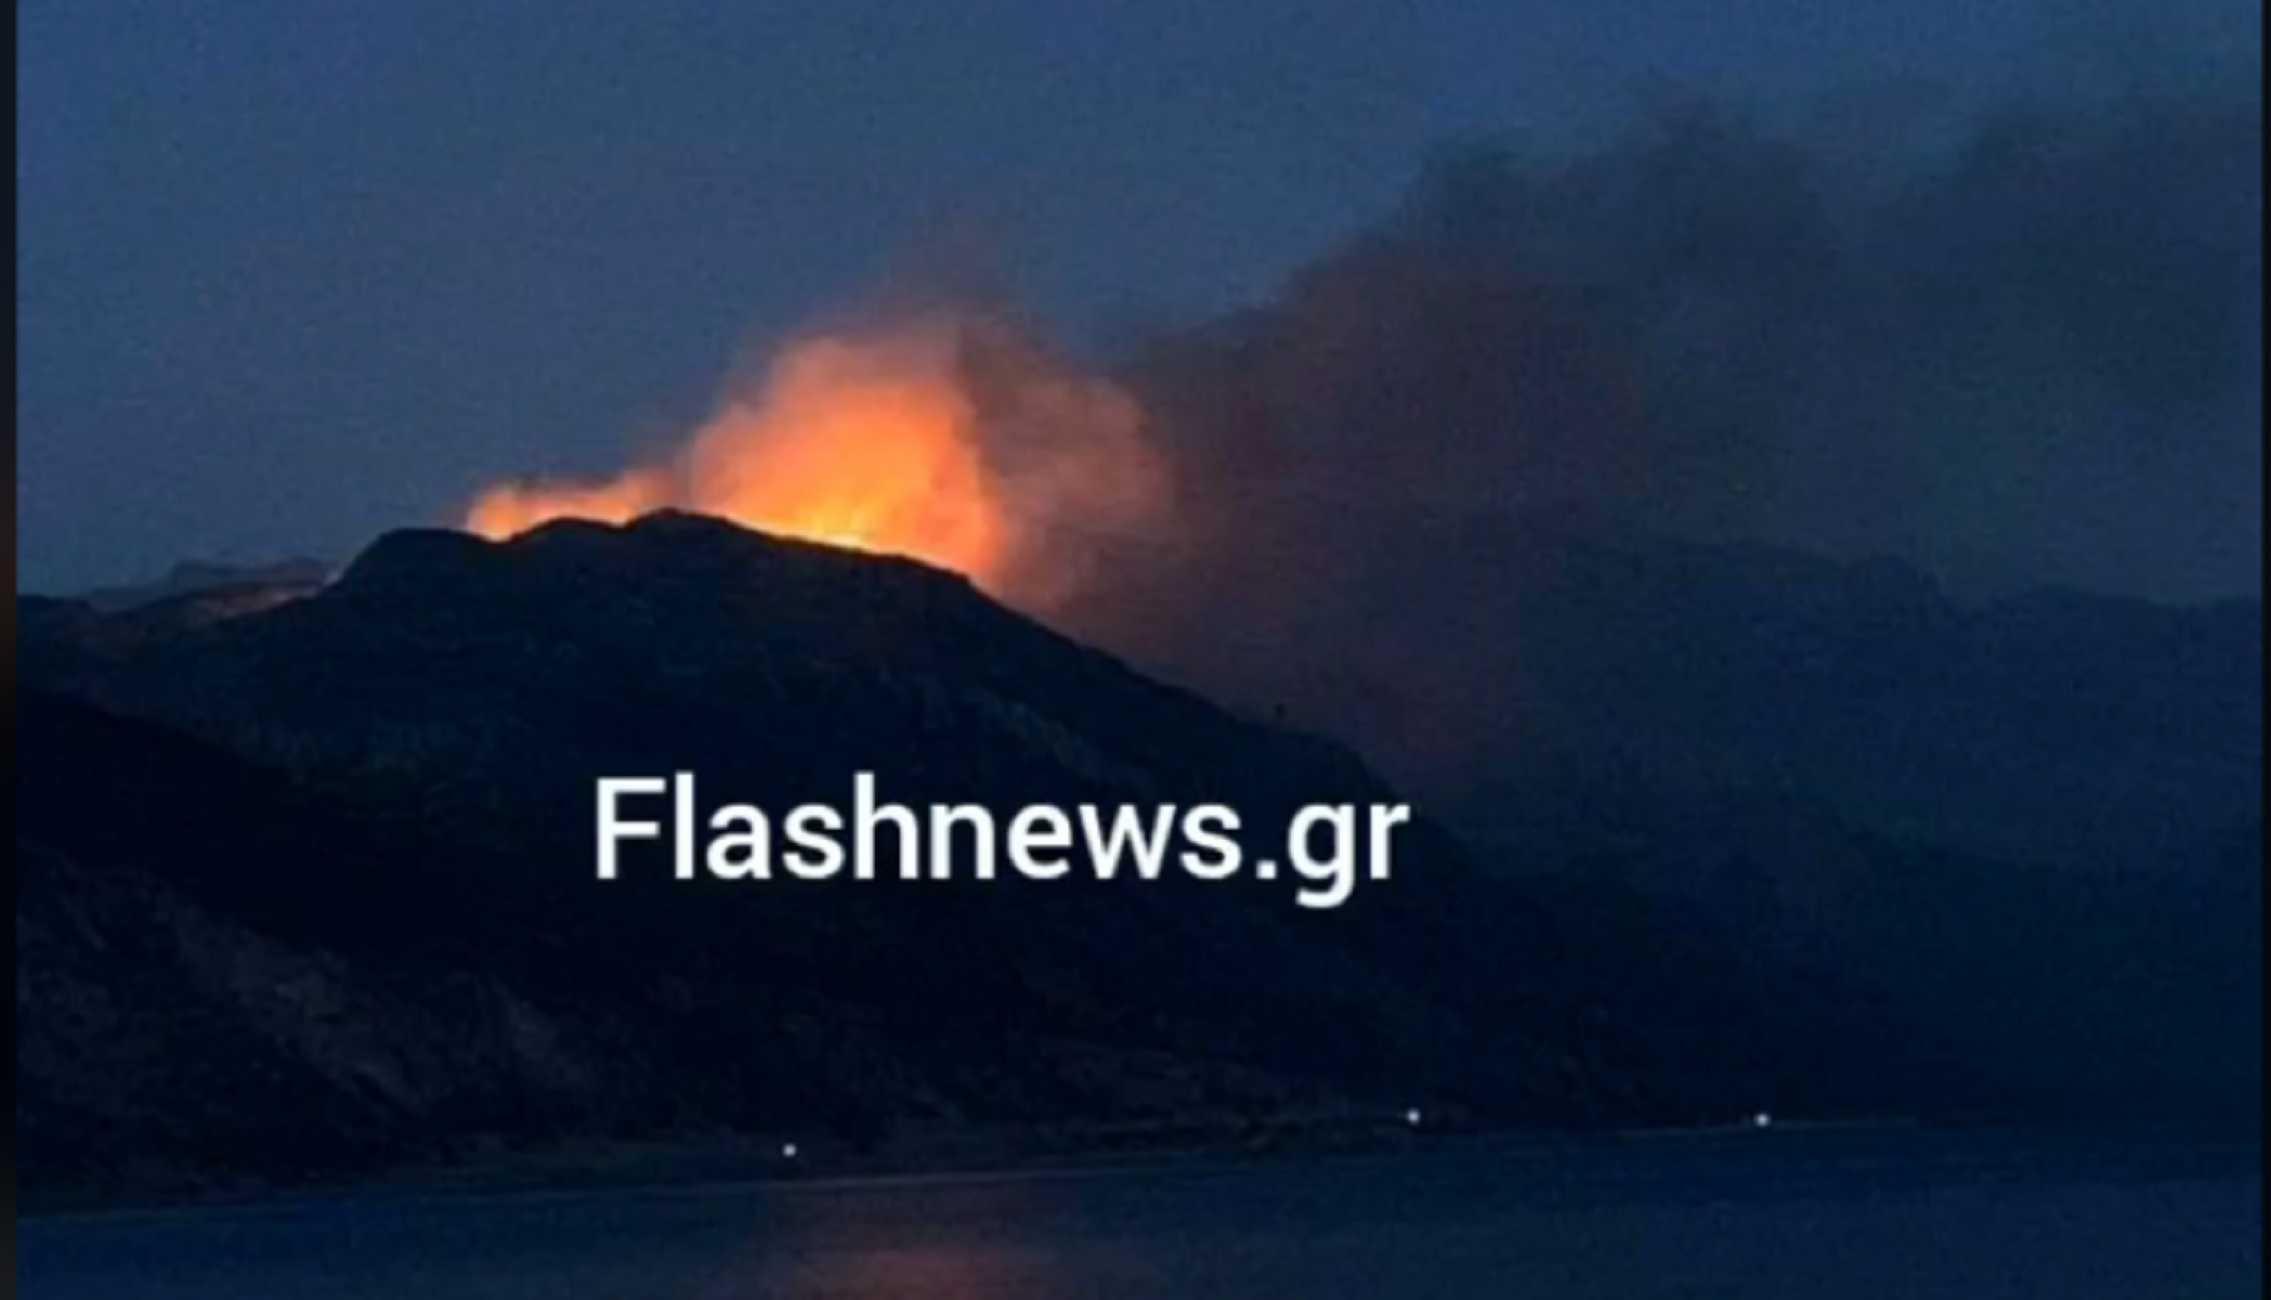 Χανιά: Μάχη με τις φλόγες στο Σελίνο – Σπεύδουν δυνάμεις από Ρέθυμνο και Ηράκλειο